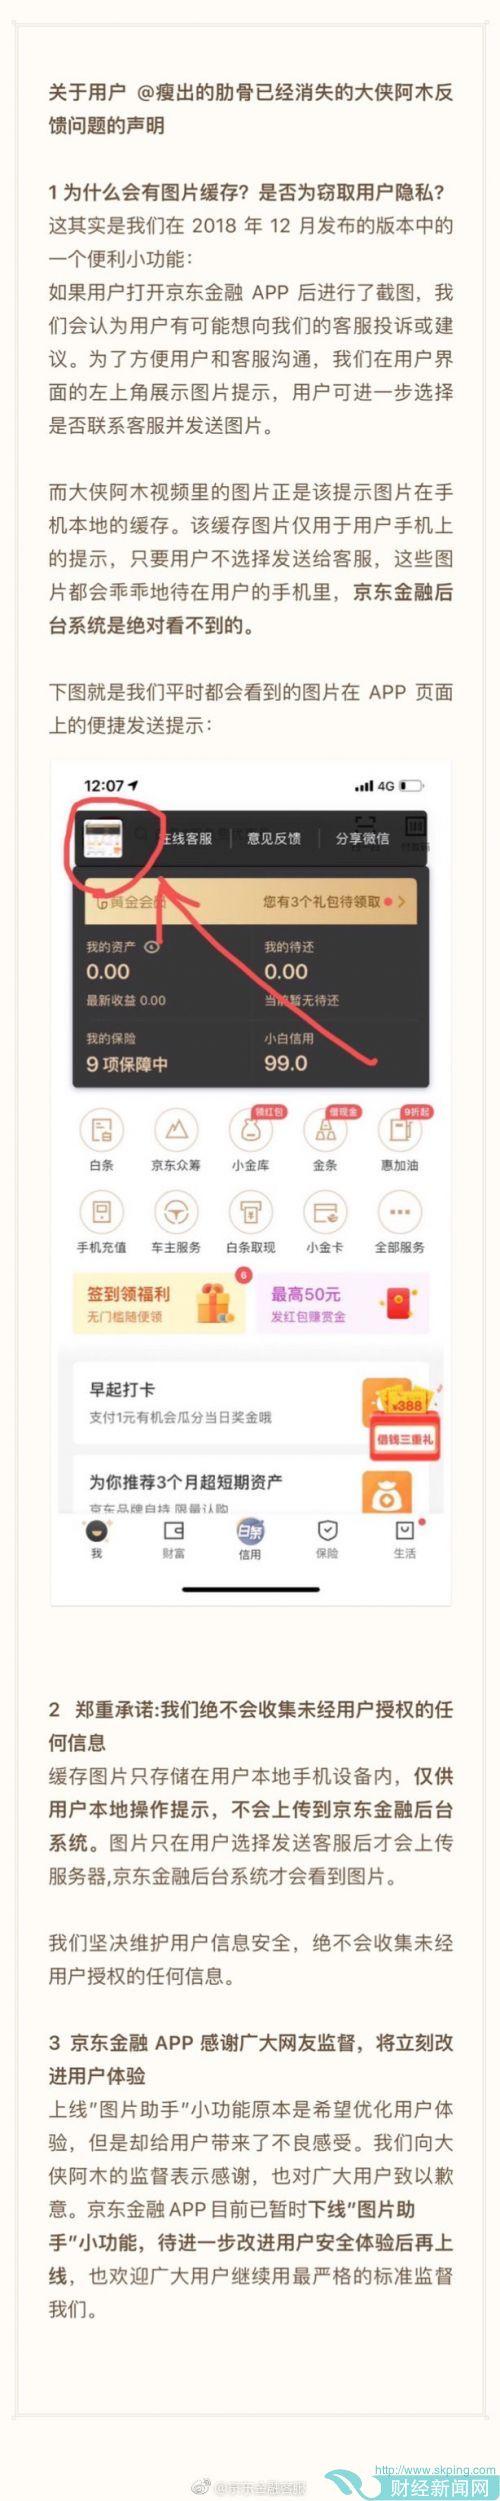 """网友爆料App收集用户隐私 京东金融甩锅""""程序员""""?"""